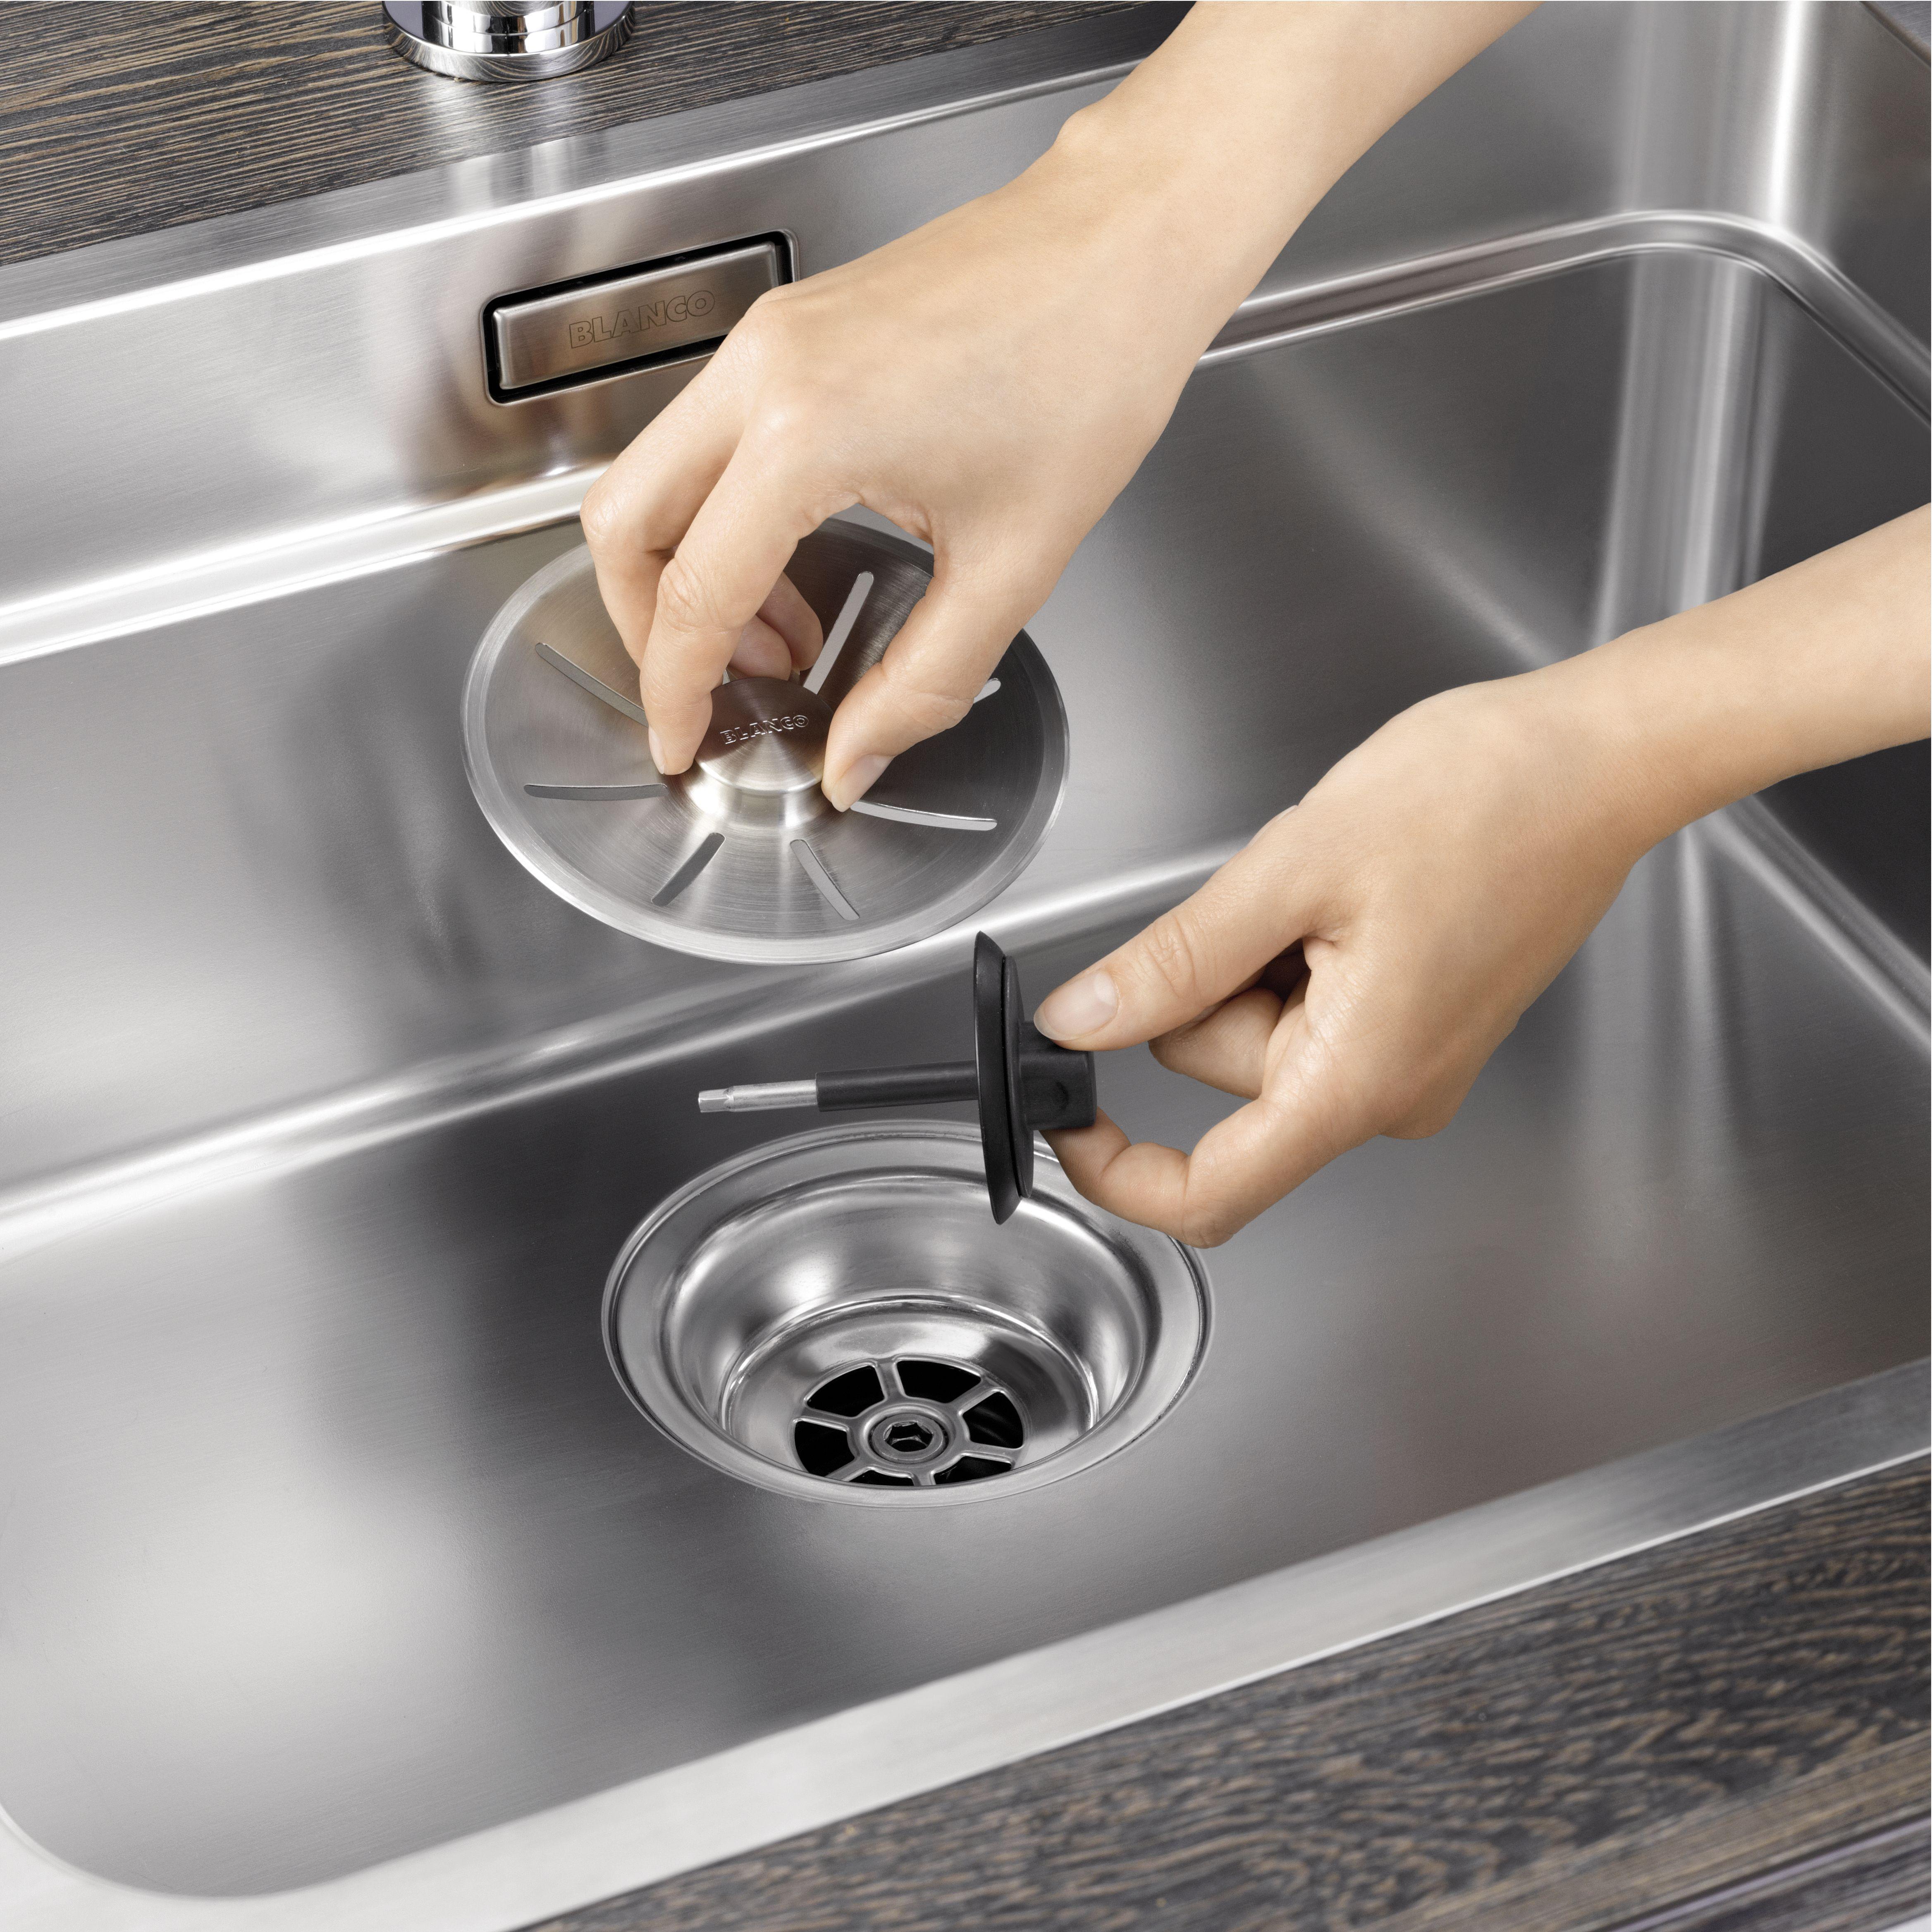 Wie Bekomme Ich Den Ablauf Der Spule Sauber Kuche Reinigen Reinigen Geschirrspulmittel